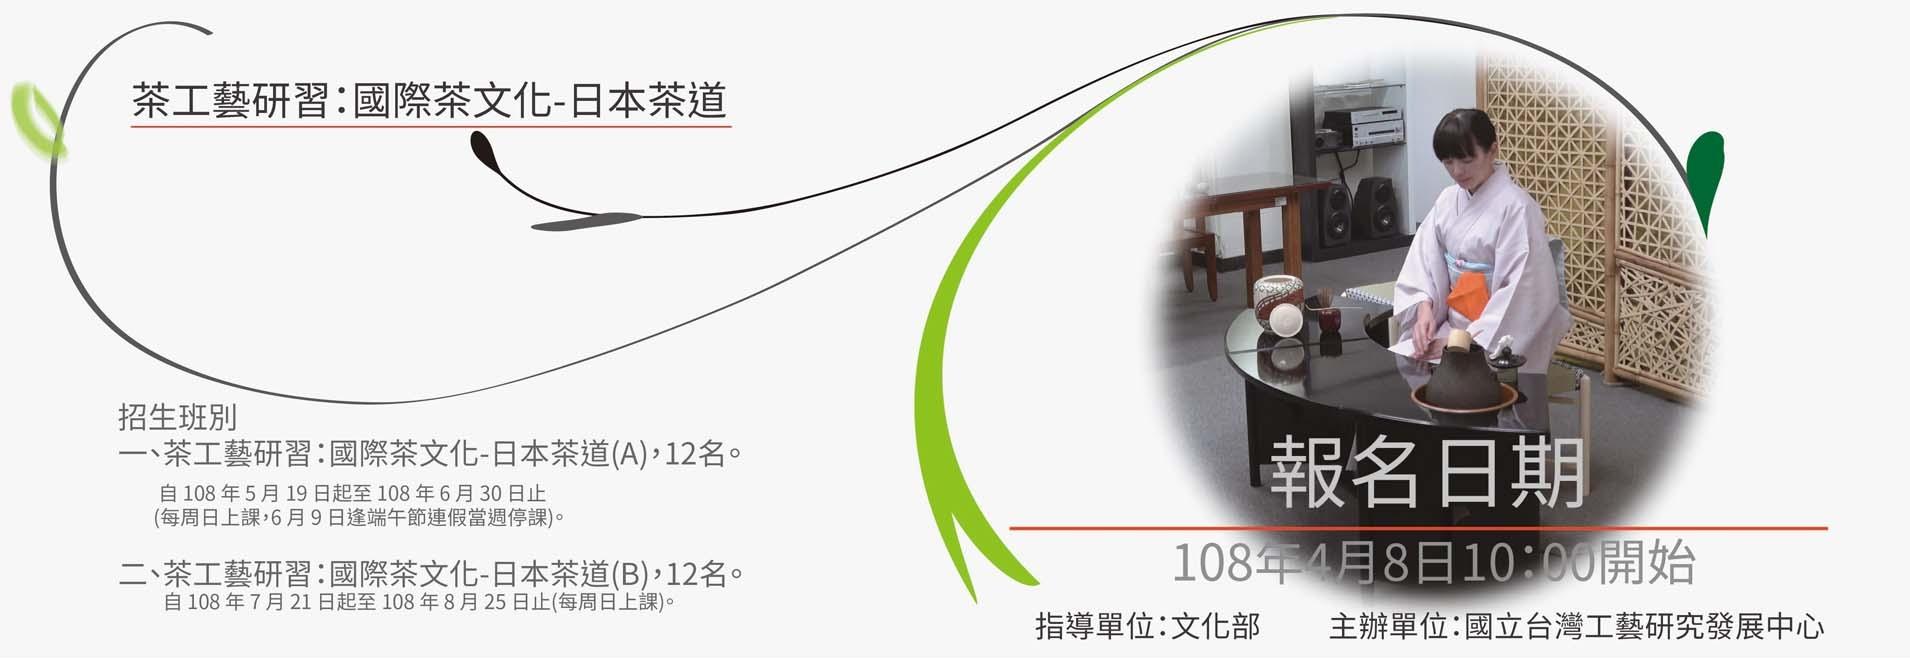 108年茶工藝研習:國際茶文化-日本茶道[另開新視窗]